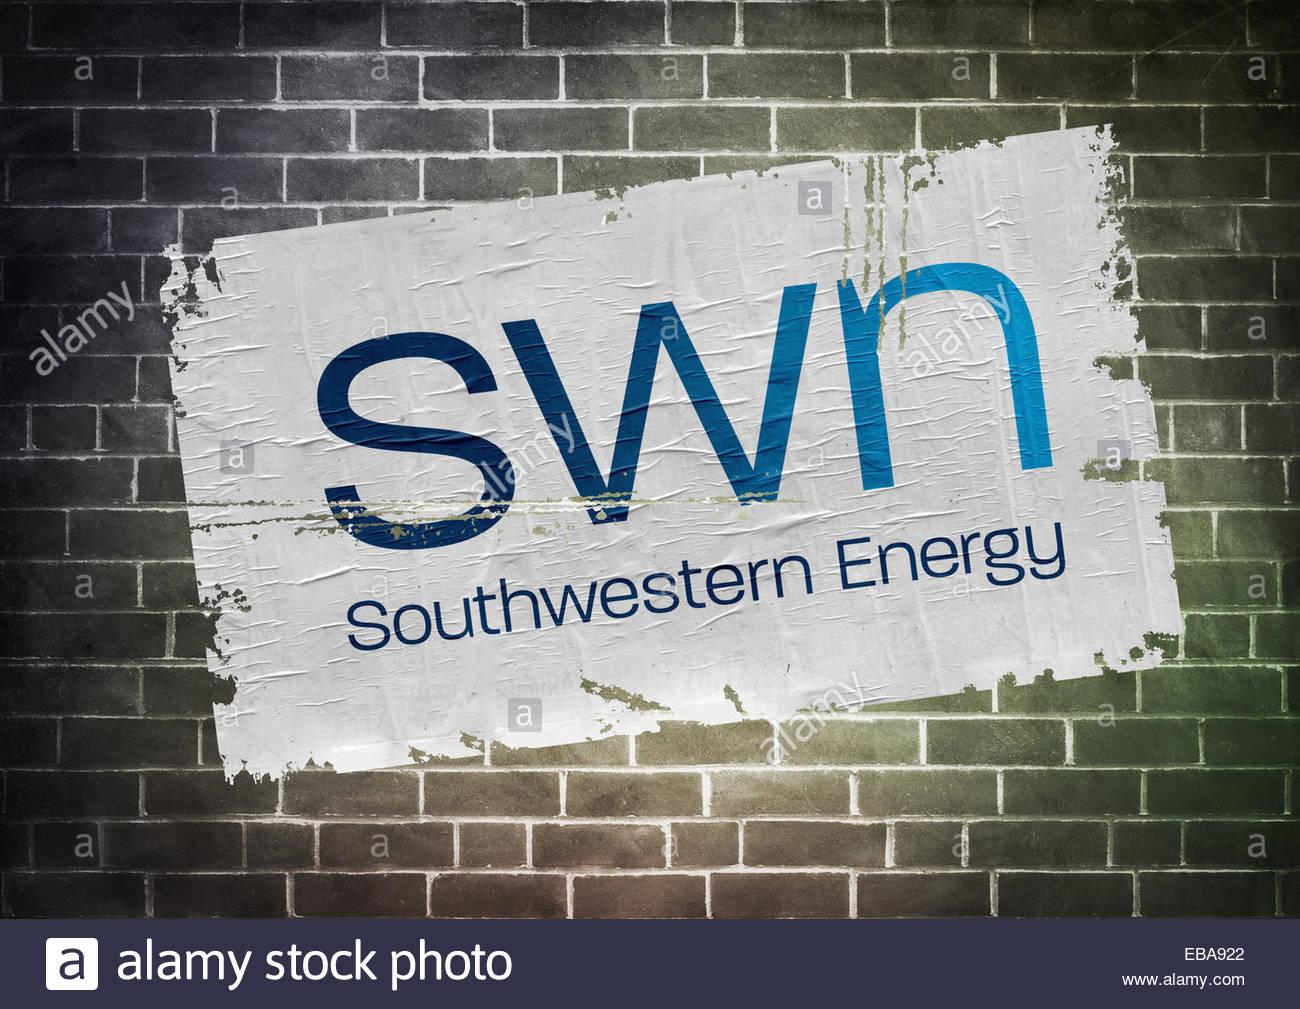 Southwestern Energy fracking póster icono del logotipo de la compañía Imagen De Stock